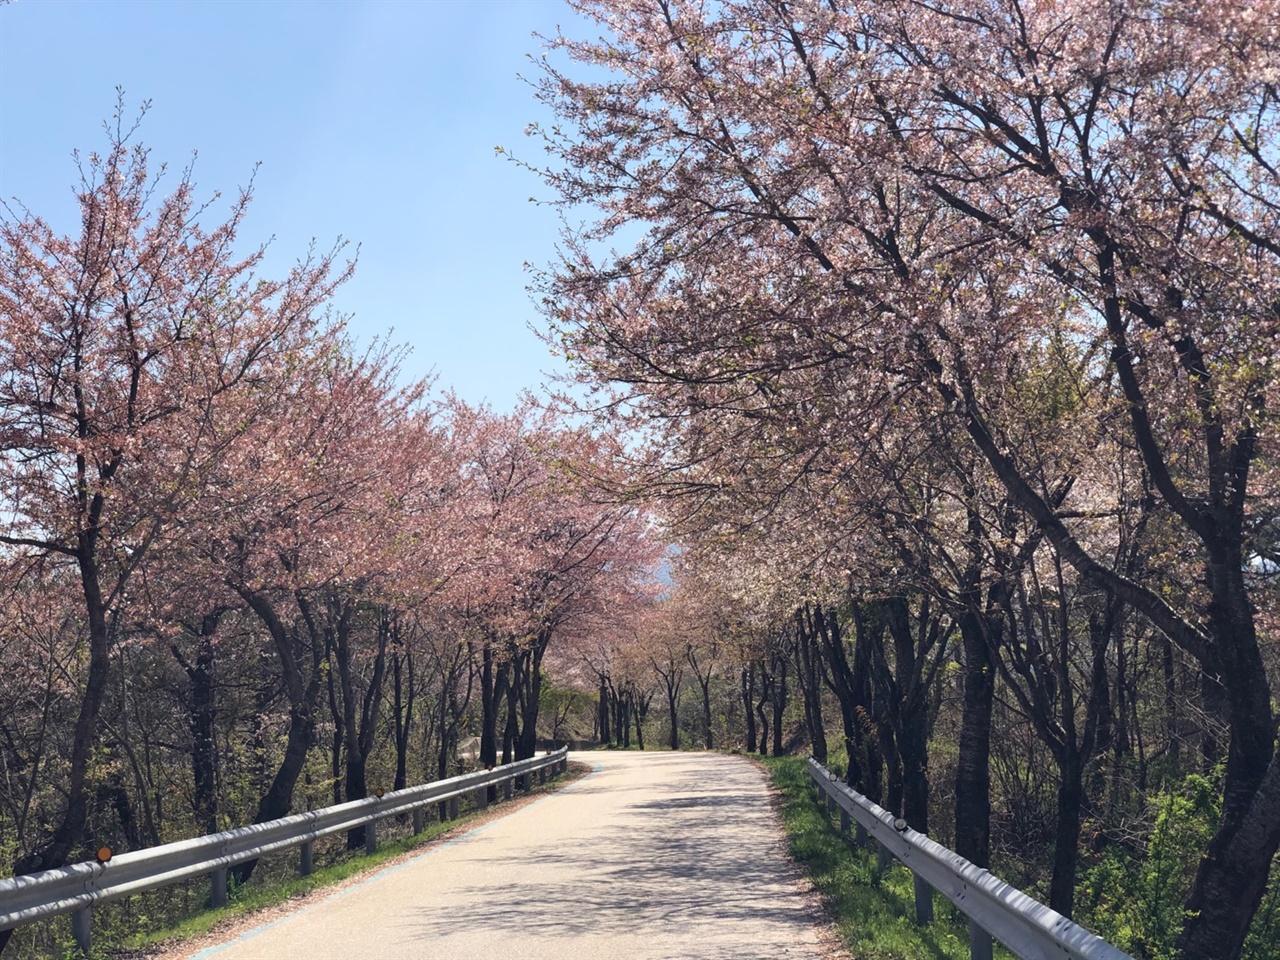 벚꽃 구간 옥정호 드라이브 코스의 벚꽃이 장관이다.